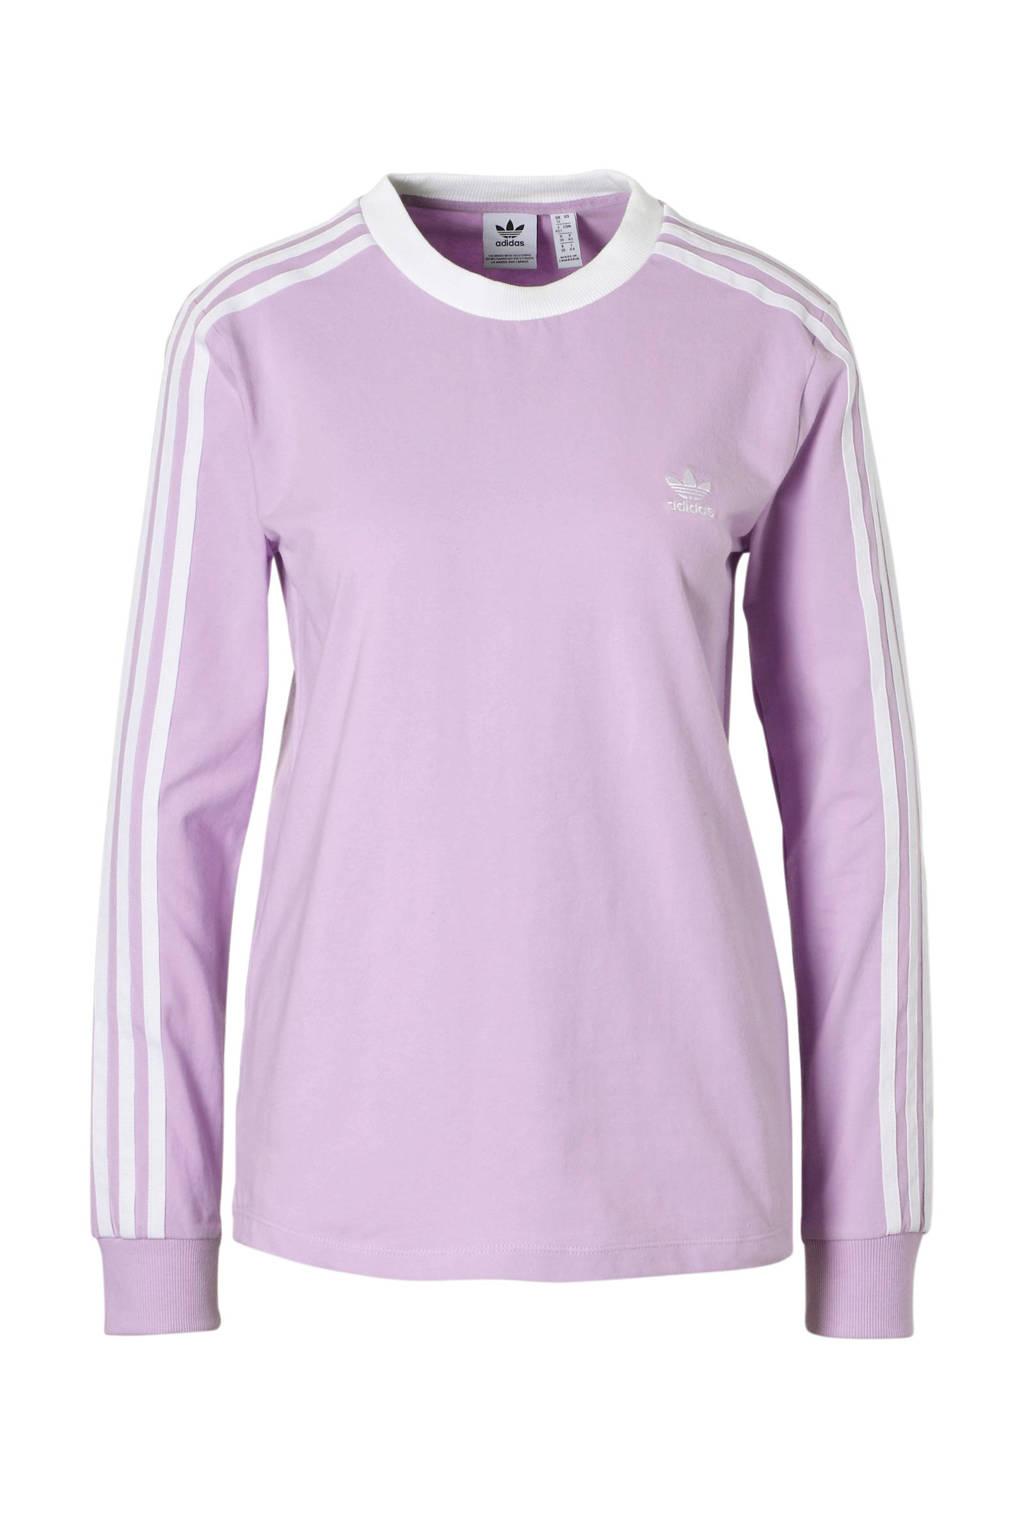 adidas originals T-shirt lila, Lila